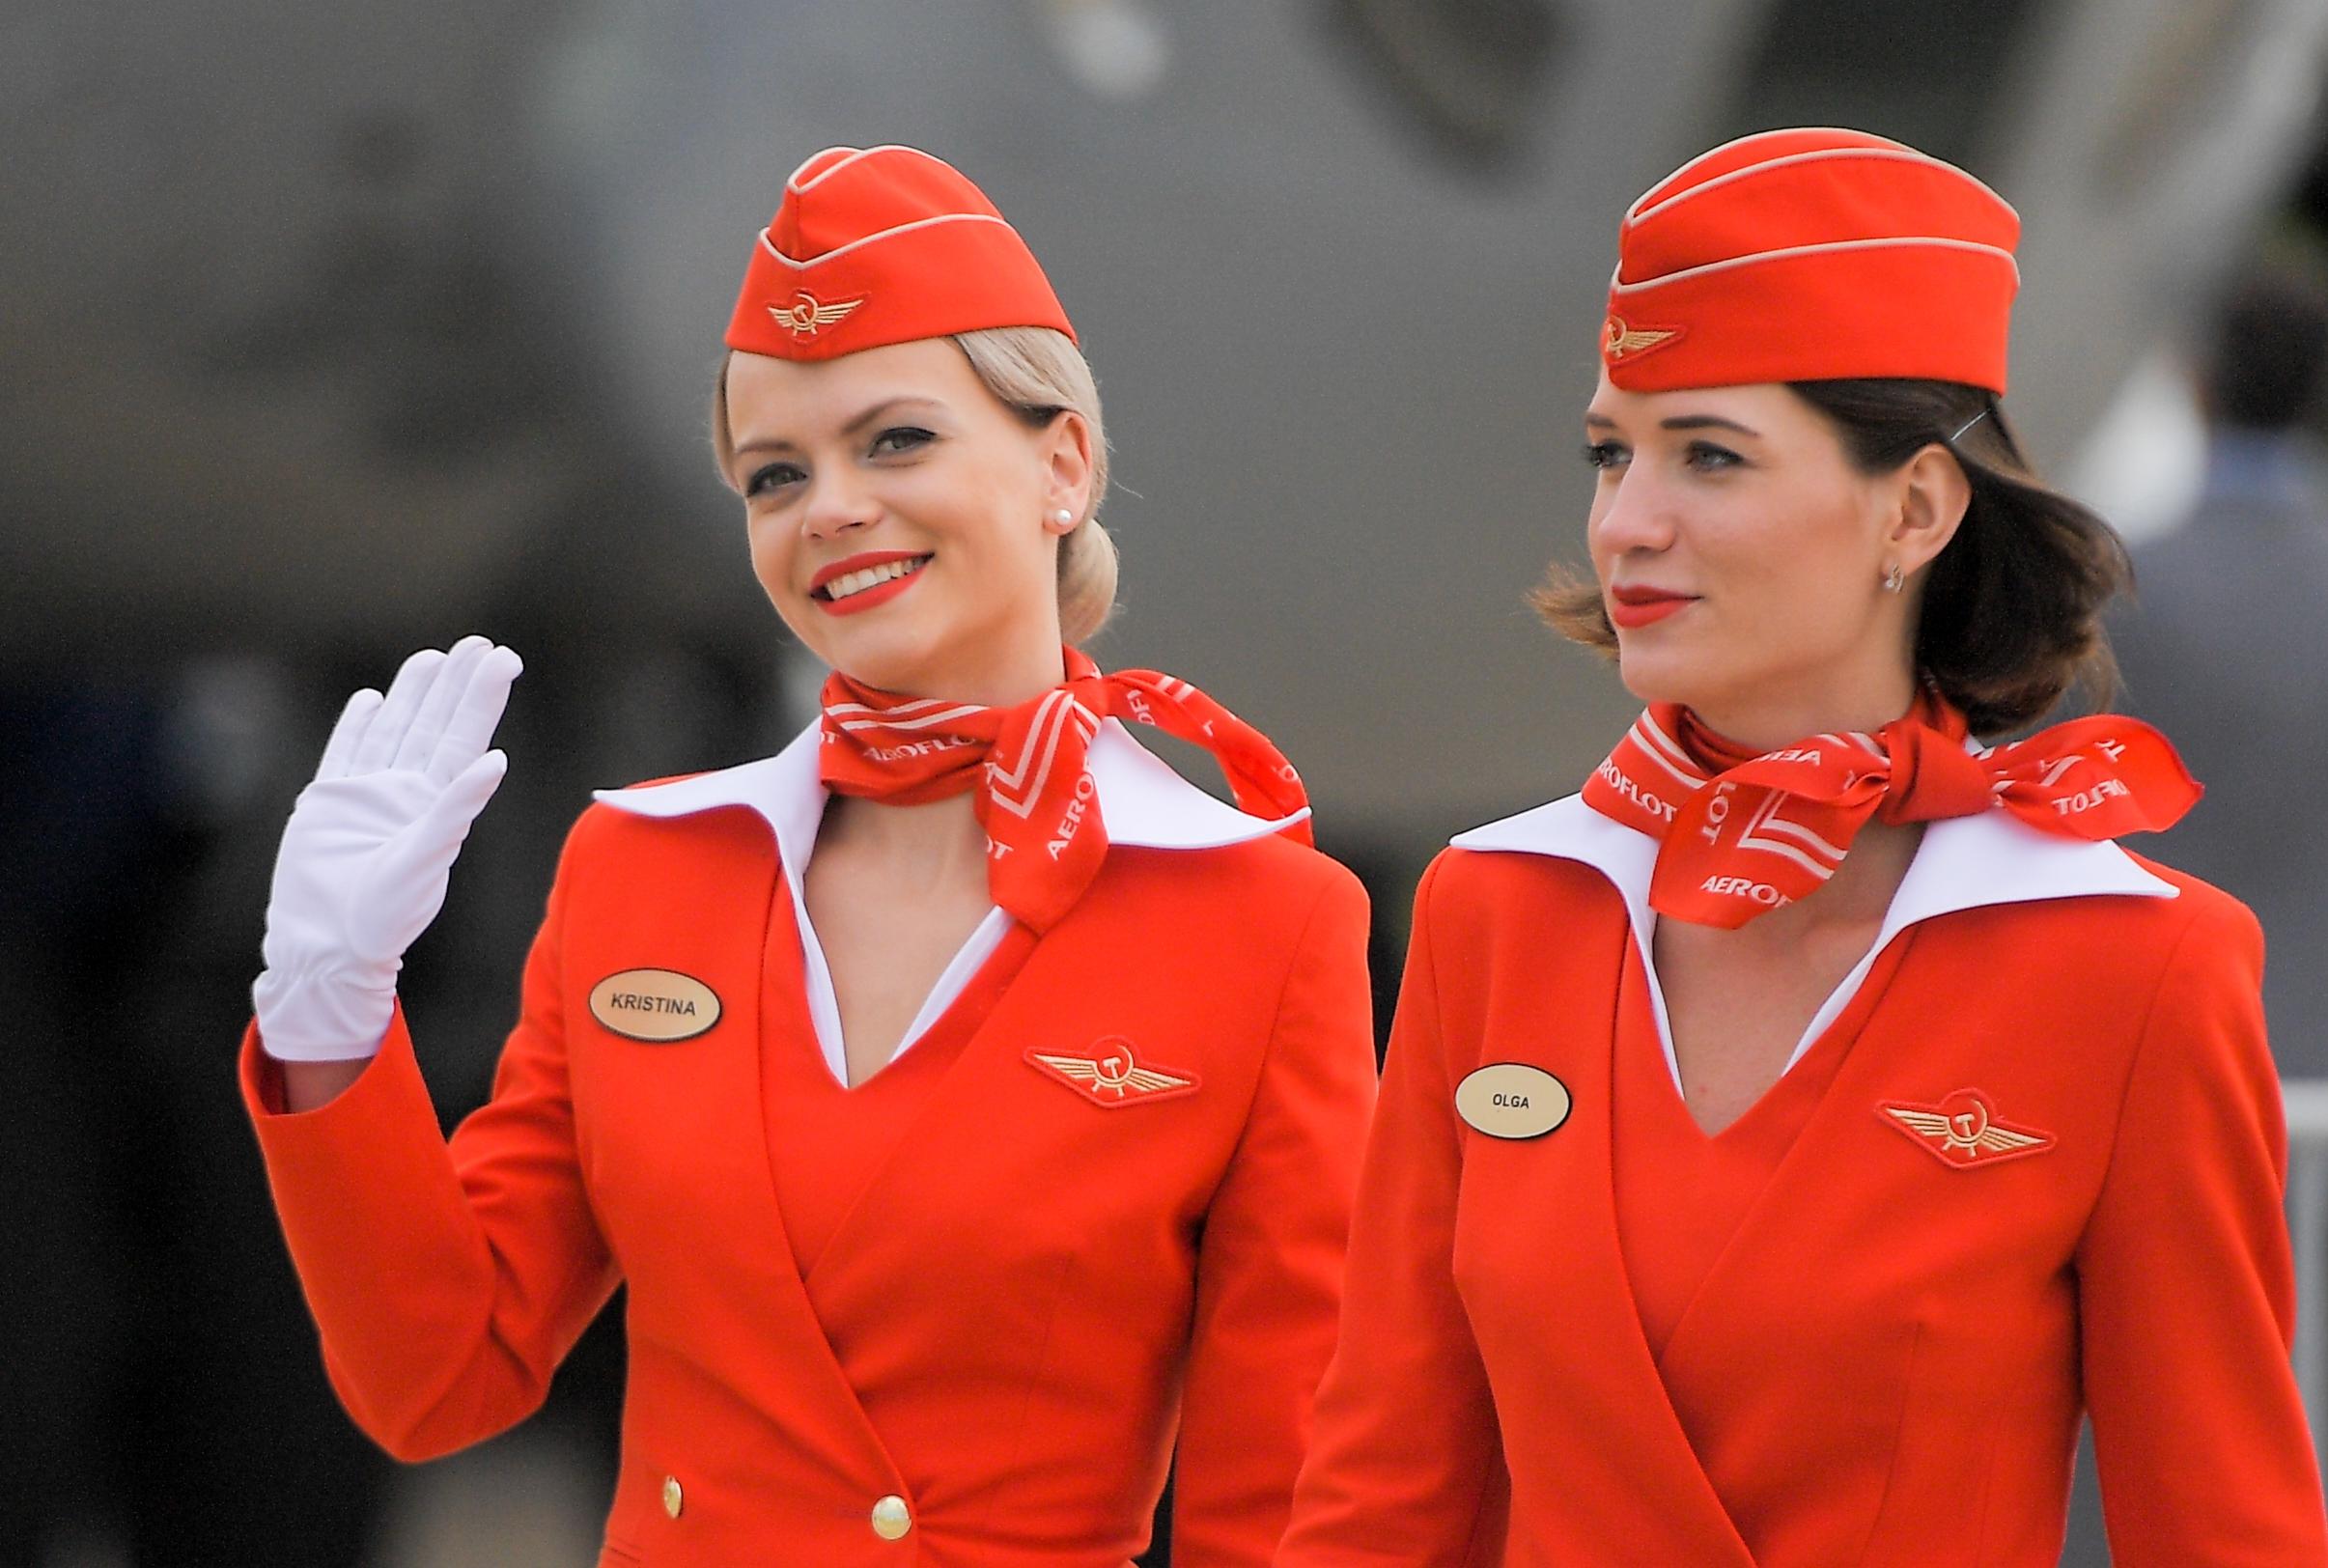 Pert nyert az orosz állami légitársaság ellen a stewardess, aki a ruhamérete miatt nem dolgozhatott nemzetközi járatokon